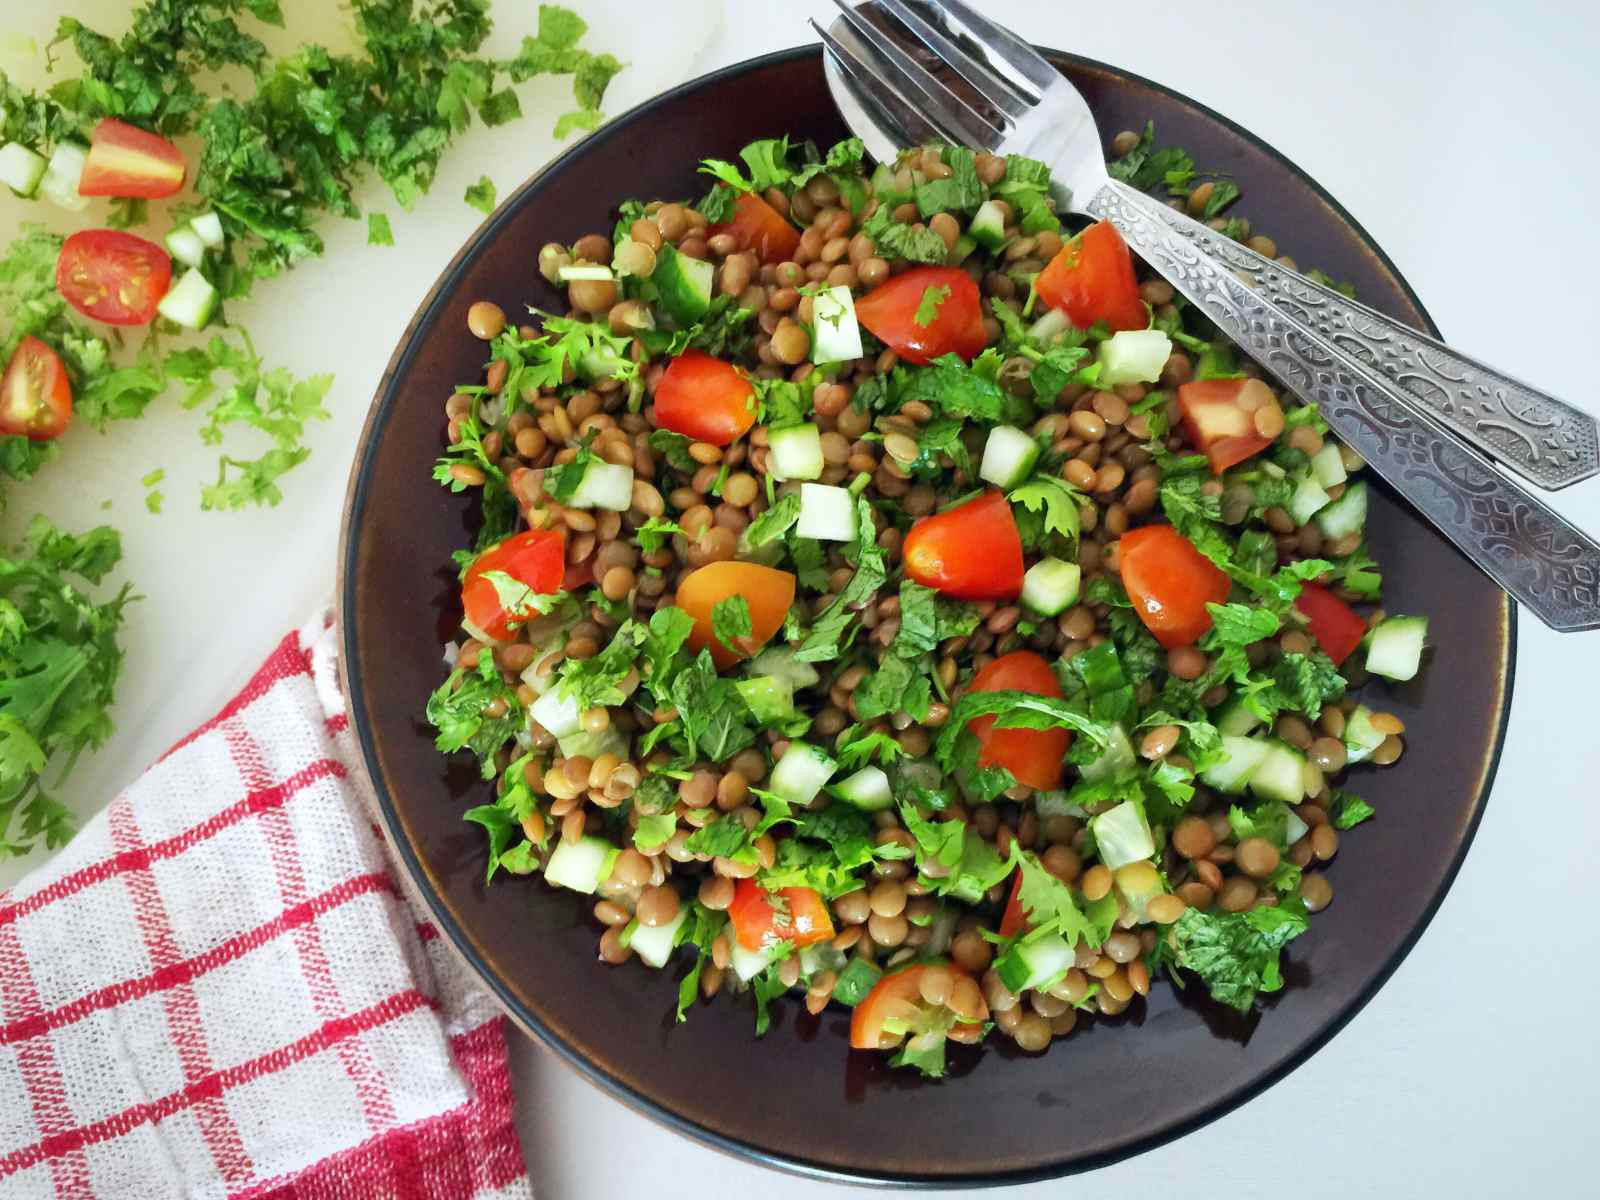 Middle Eastern Vegetarian Recipes  Lentil Tabbouleh Recipe Middle Eastern Ve arian Salad